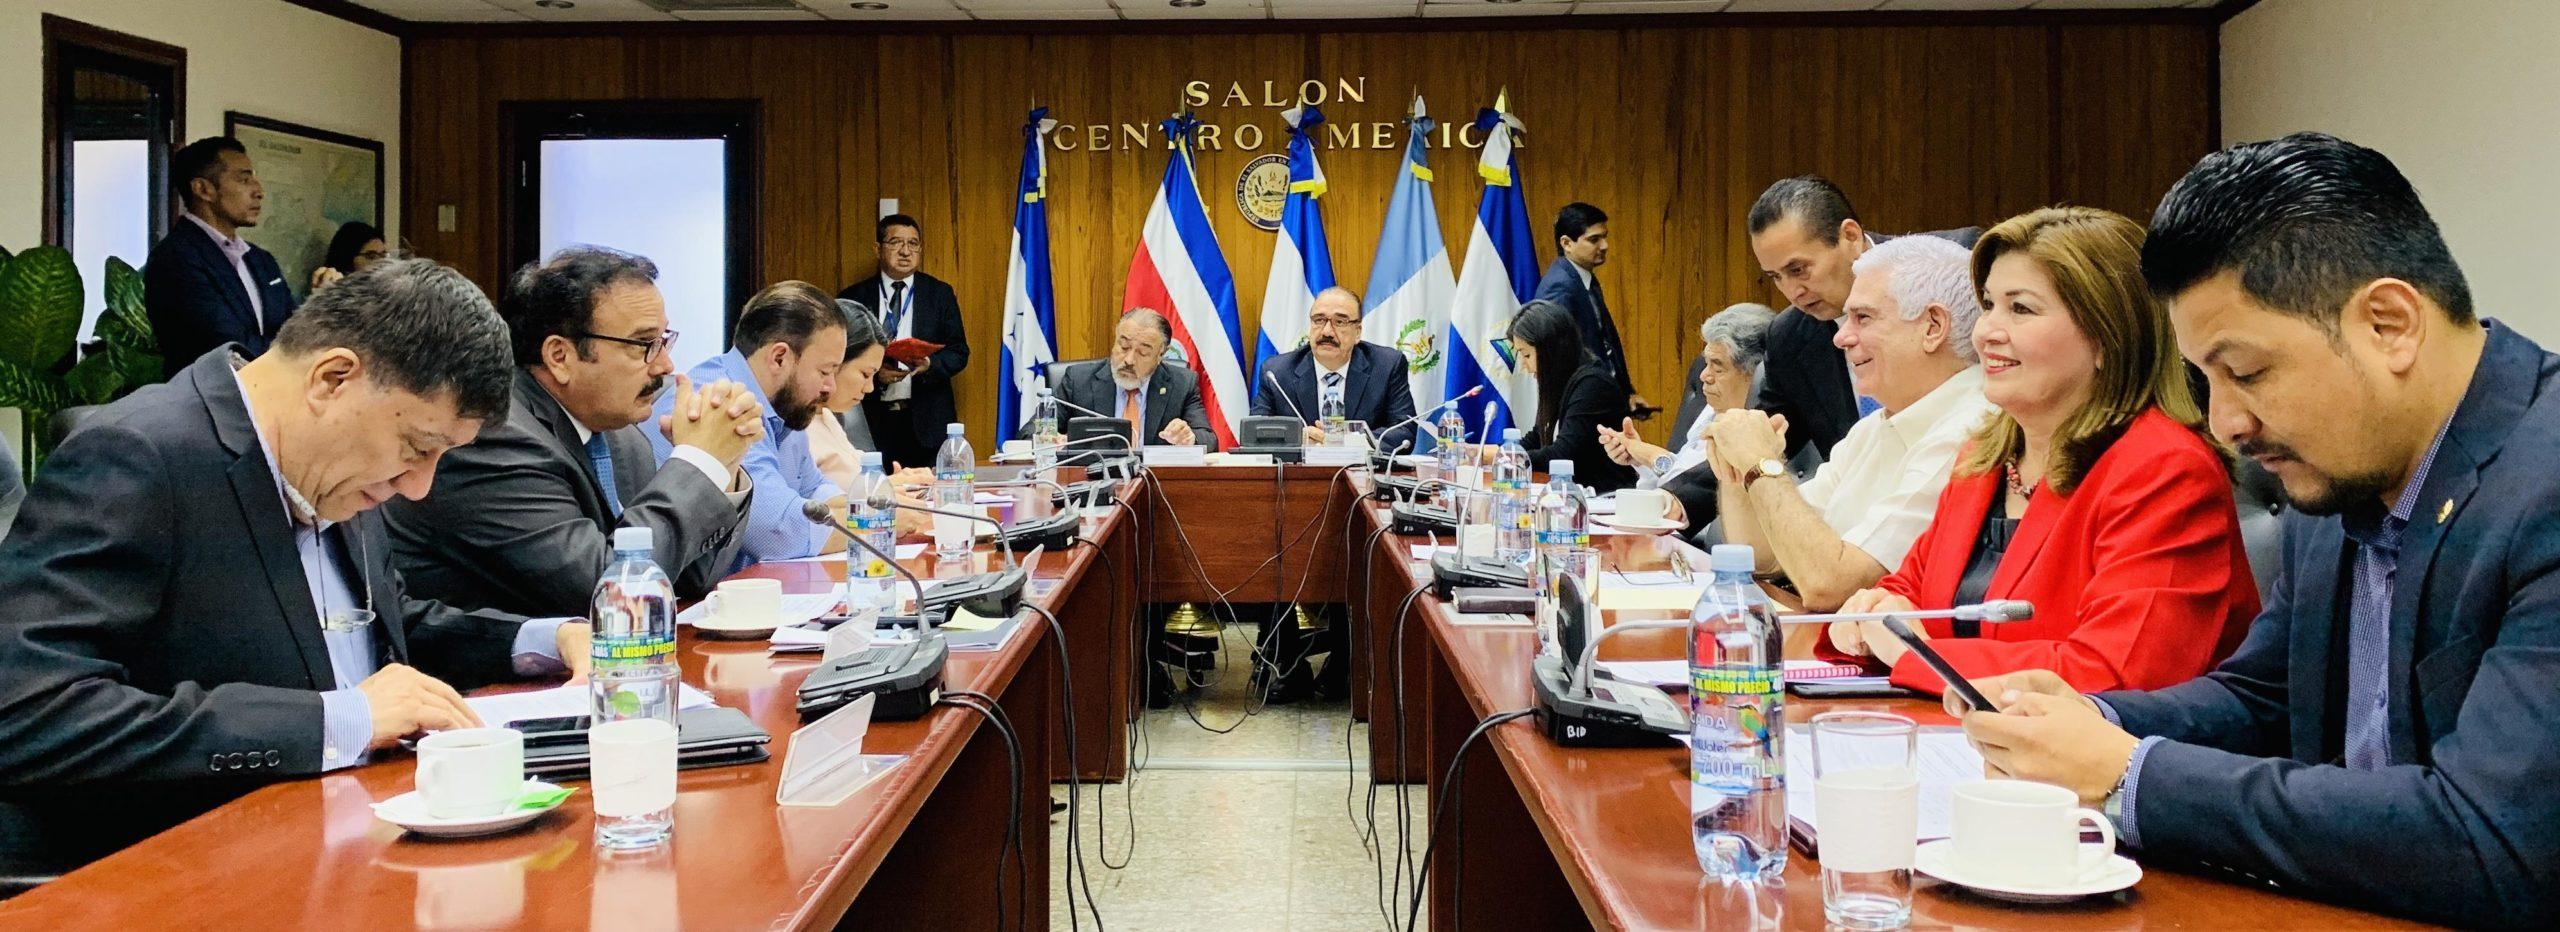 Realizarán sesiones abiertas y consultarán a expertos internacionales para estudio de reforma integral de pensiones